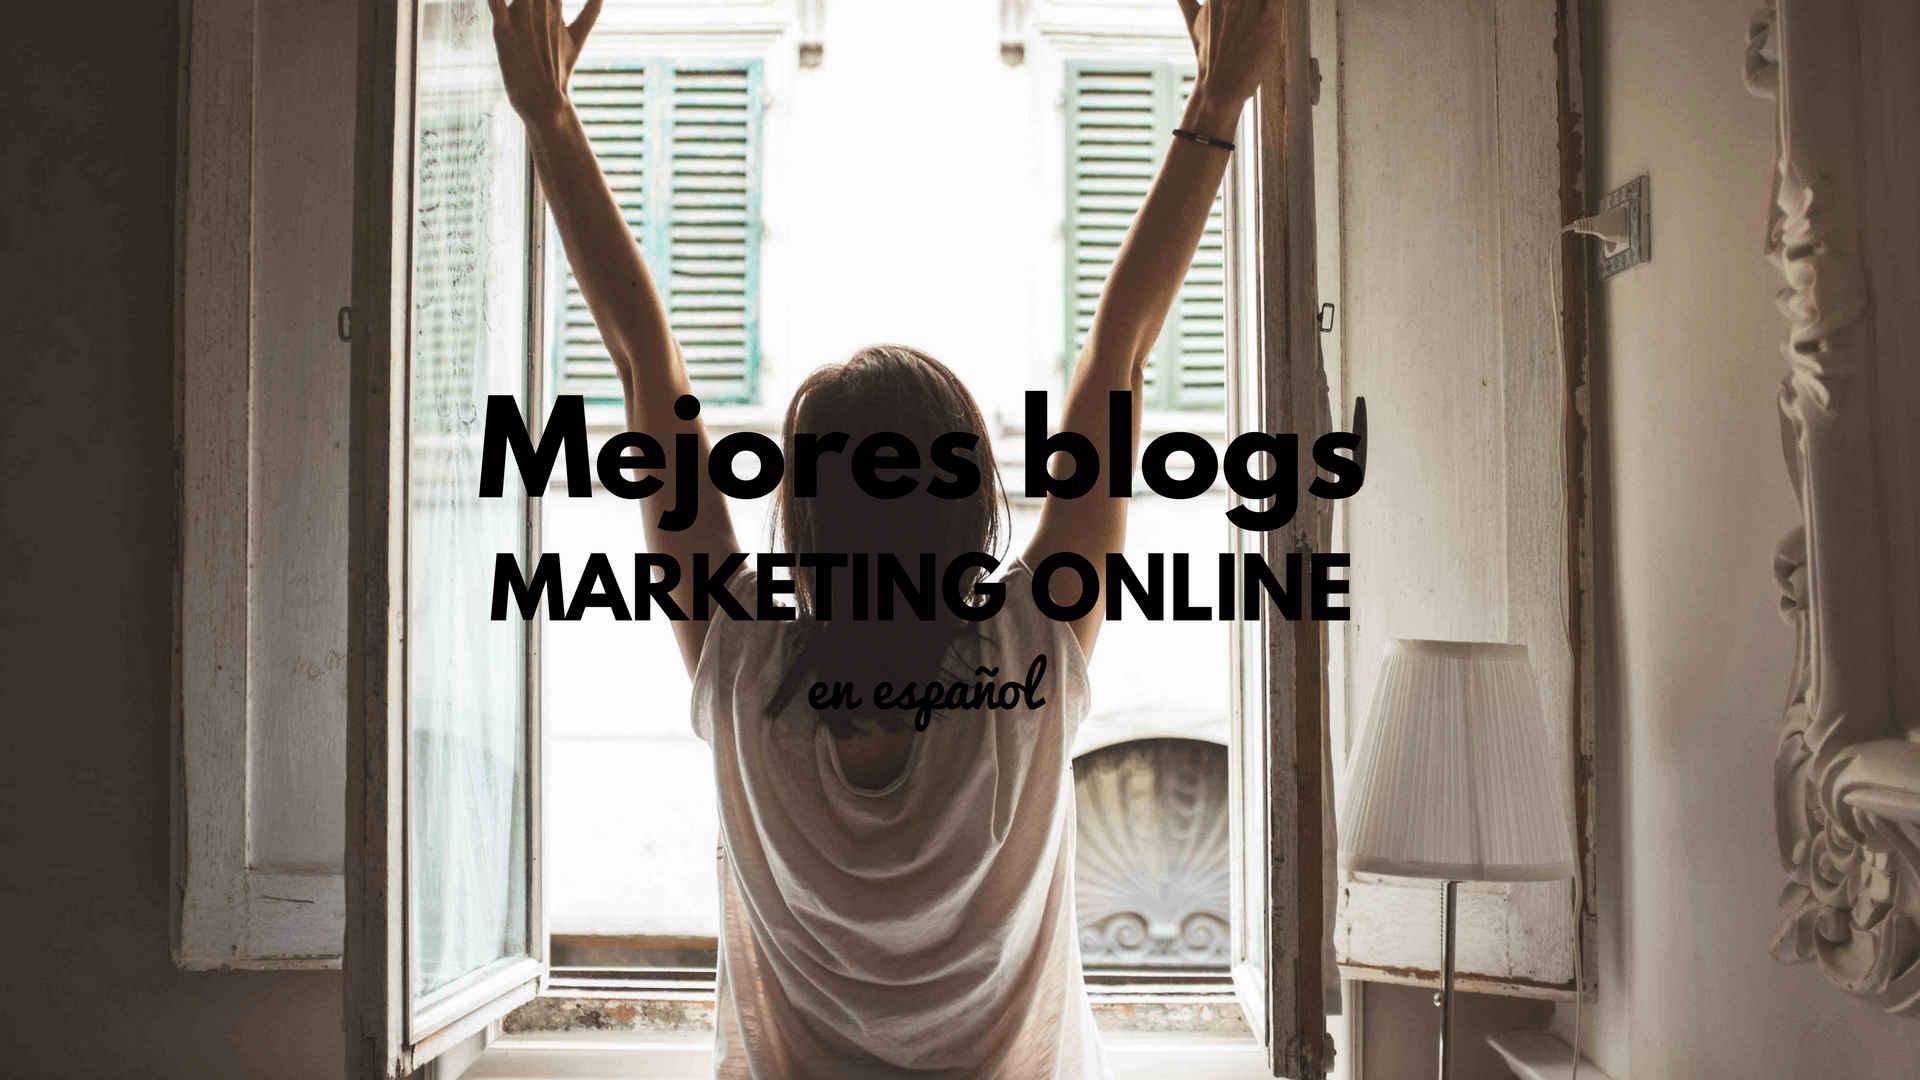 Los mejores blogs de Marketing Online y Social Media en español